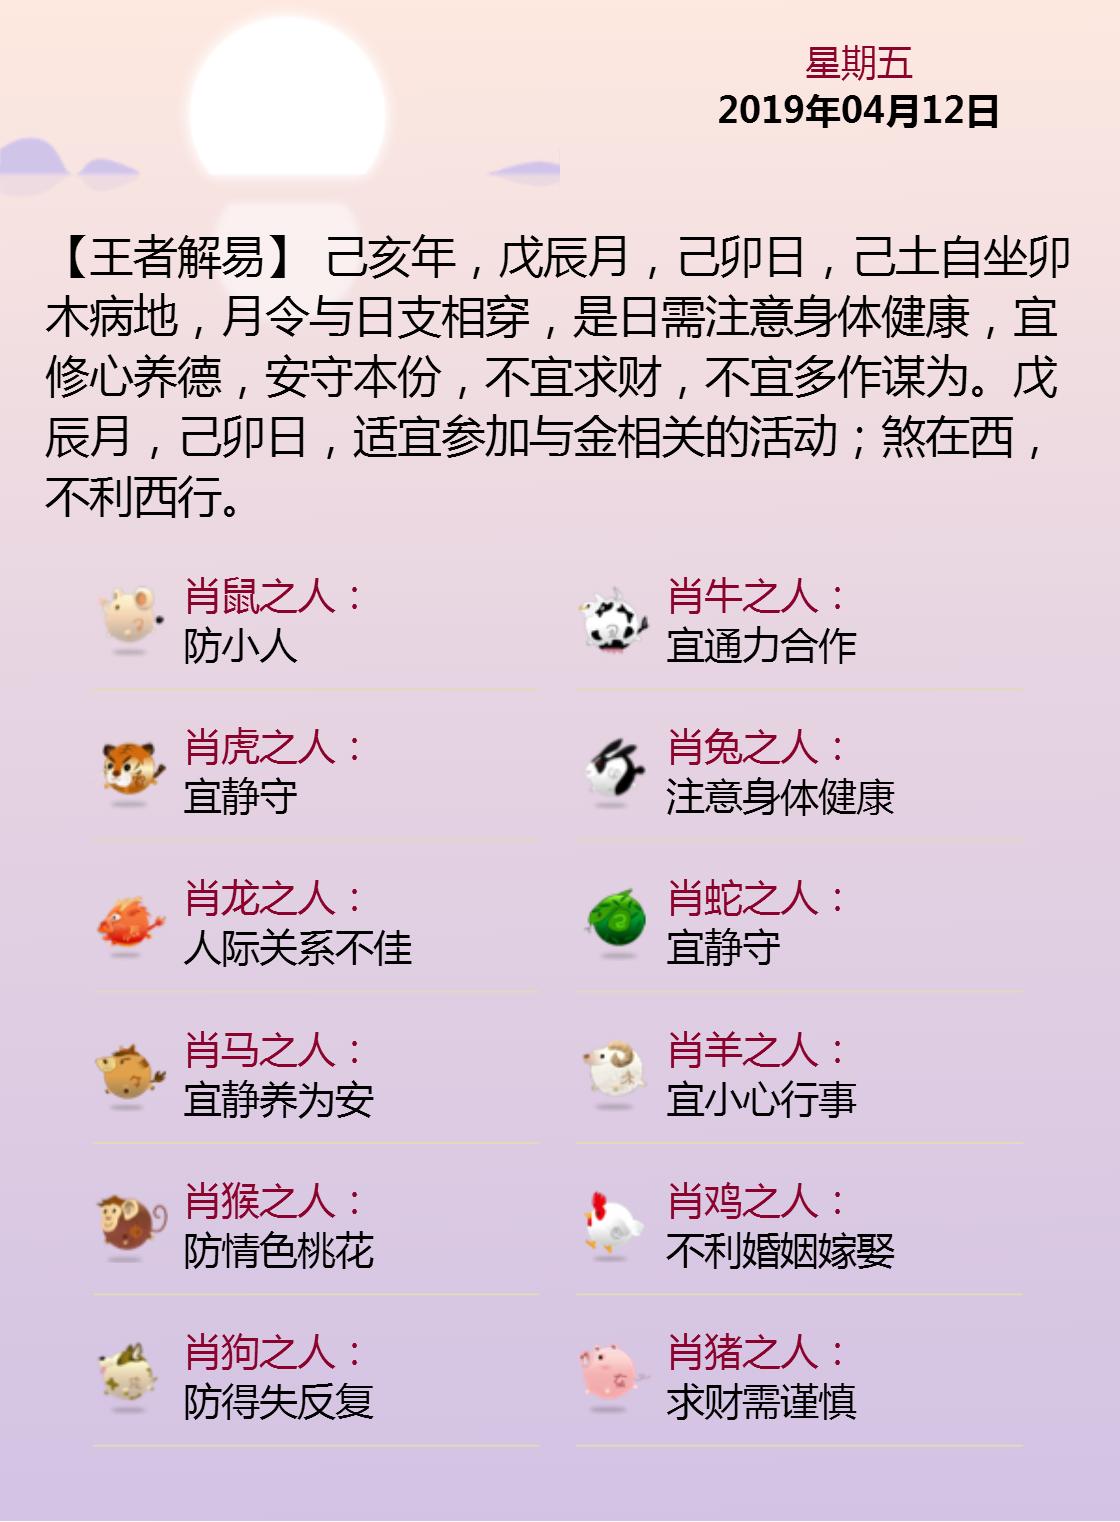 黄历海报20190412.png